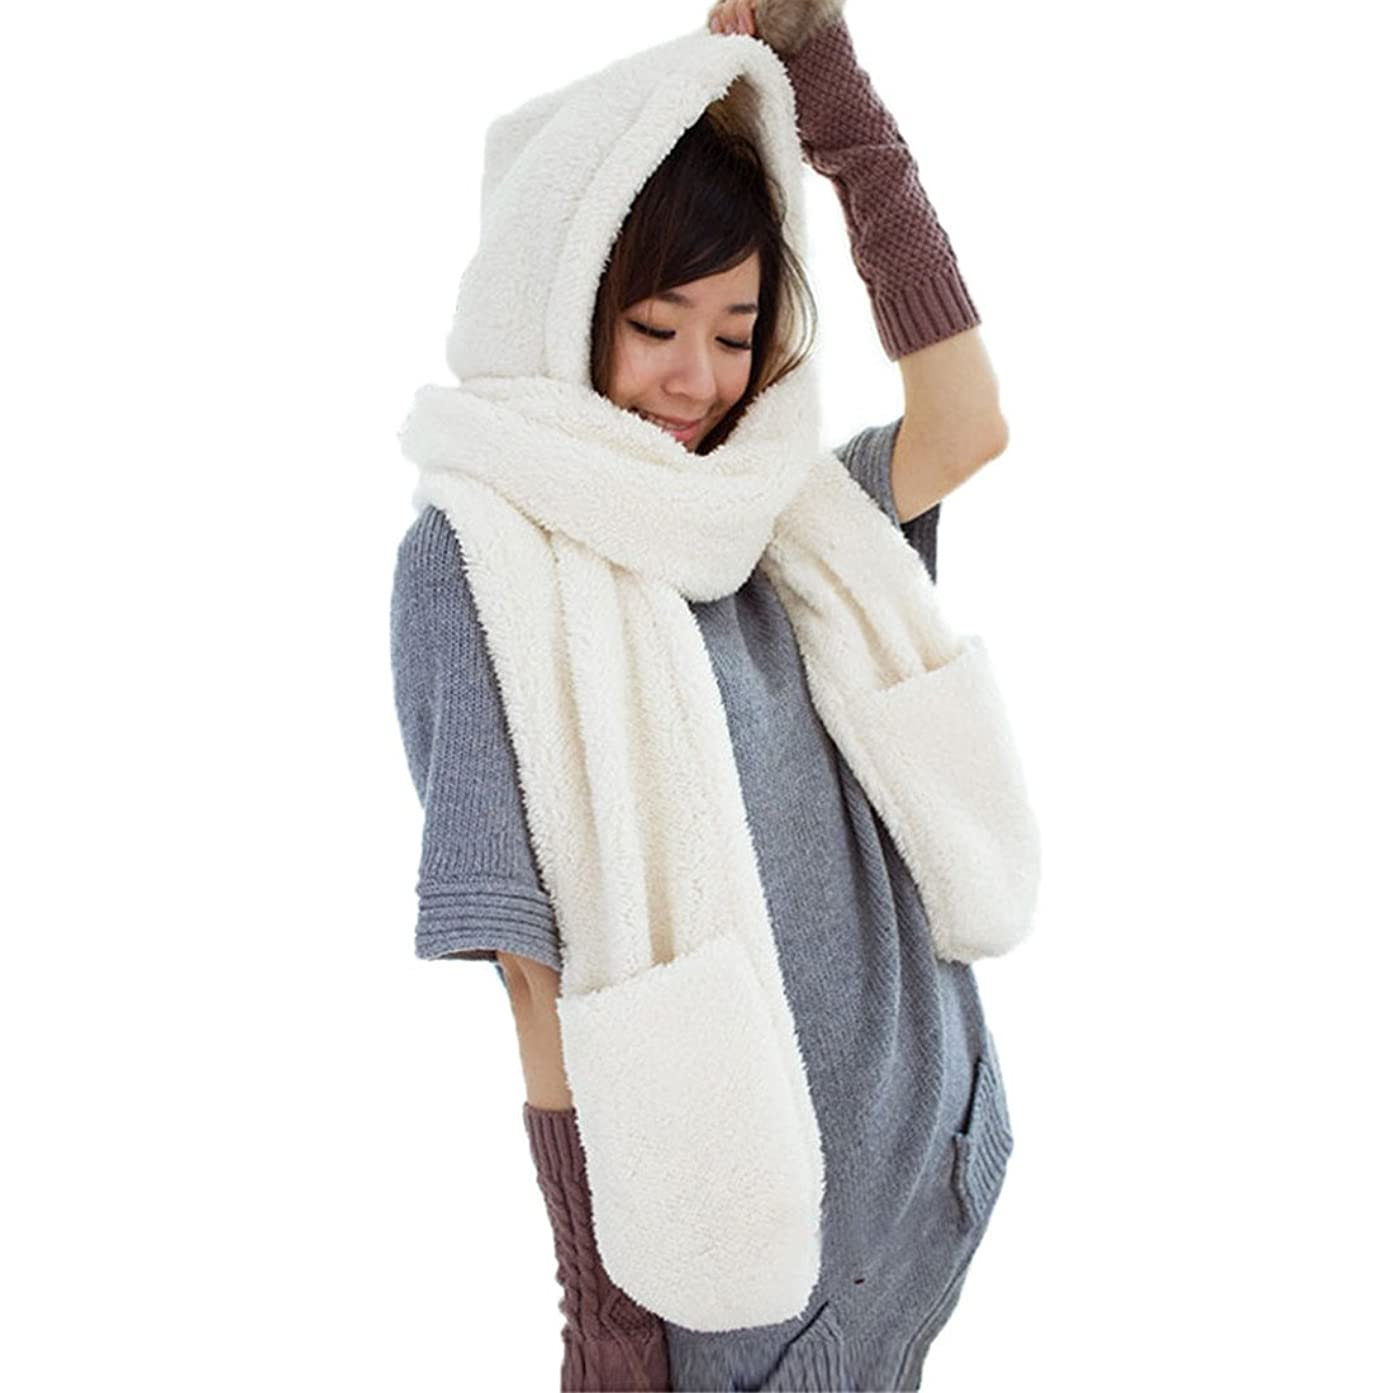 運命排除承知しましたMIOIM マフラー レディース かわいい もこもこ 手袋 フード付き ネックウォーマー 防寒 小顔効果 ポケット付き ストール アウトドア 寒さ対策 必需品 暖かい 3点一体 セット 男女兼用